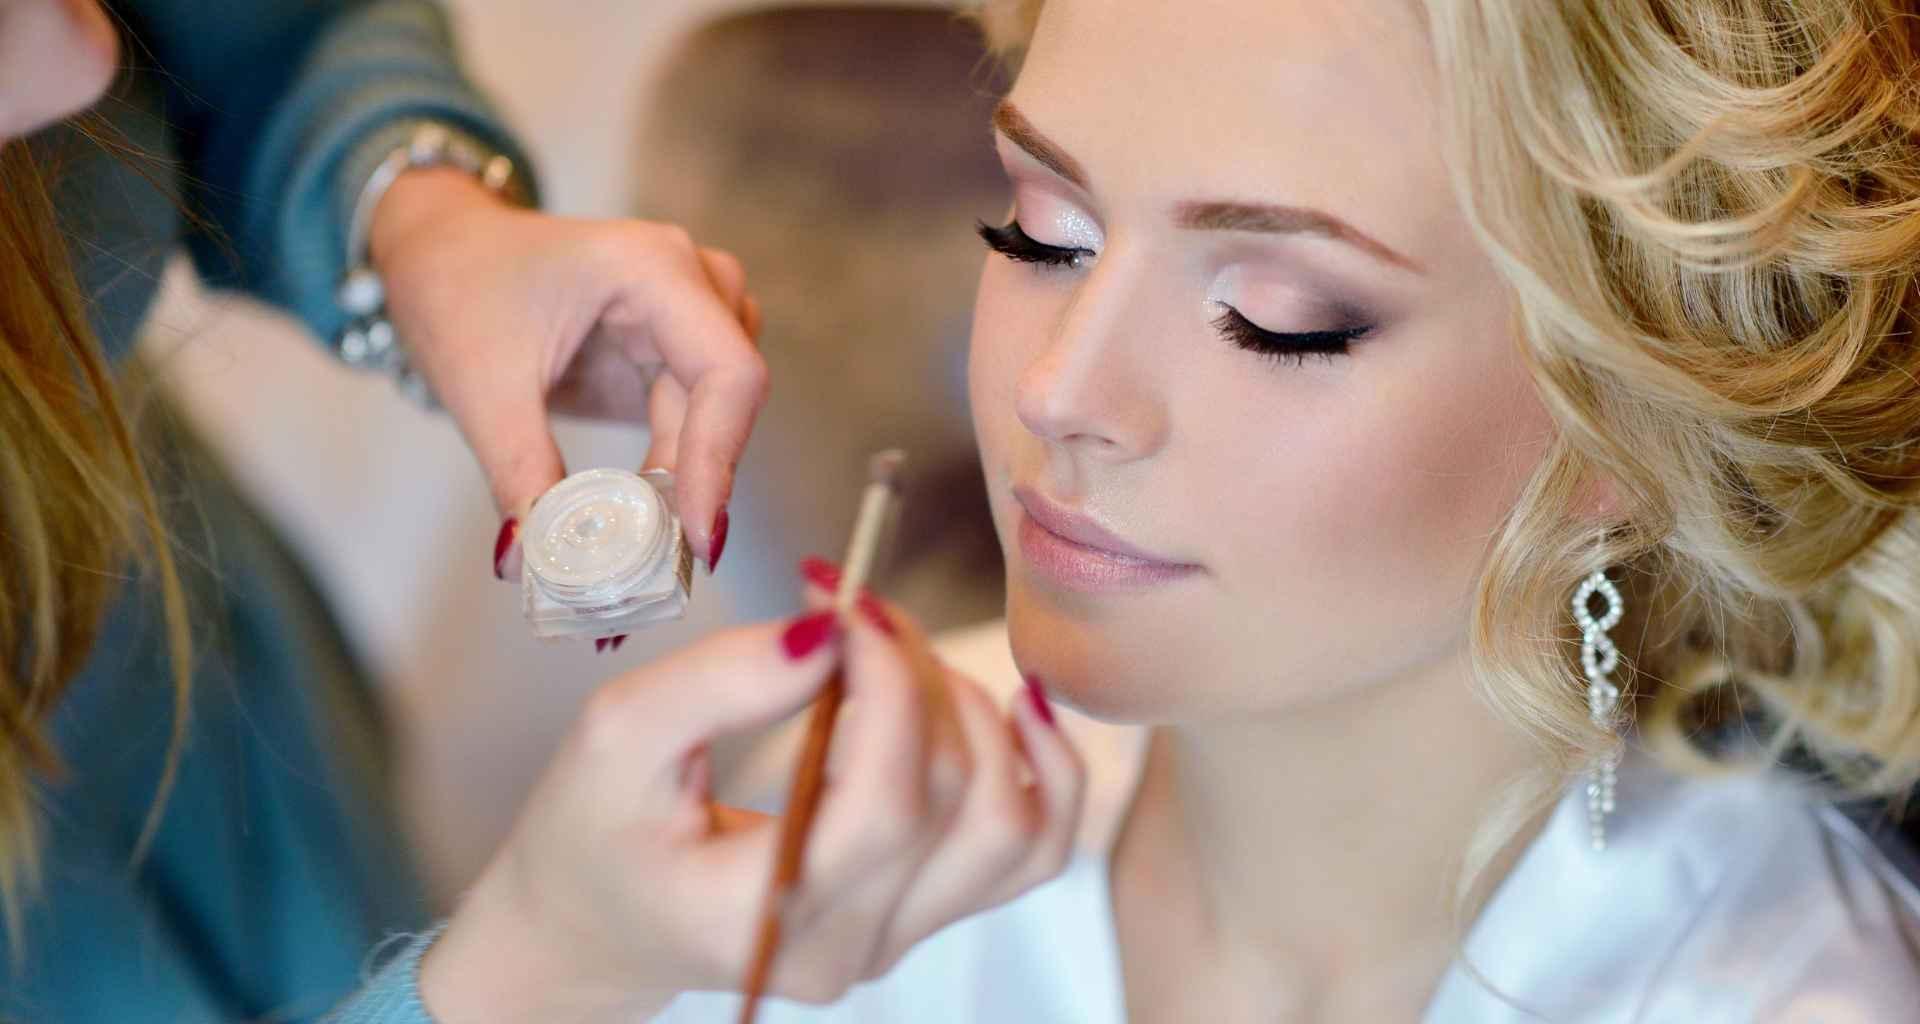 Iščete make-up artista, organizirate dogodek? Pomagali vam bomo najti pravega make-up artista za vaš dogodek